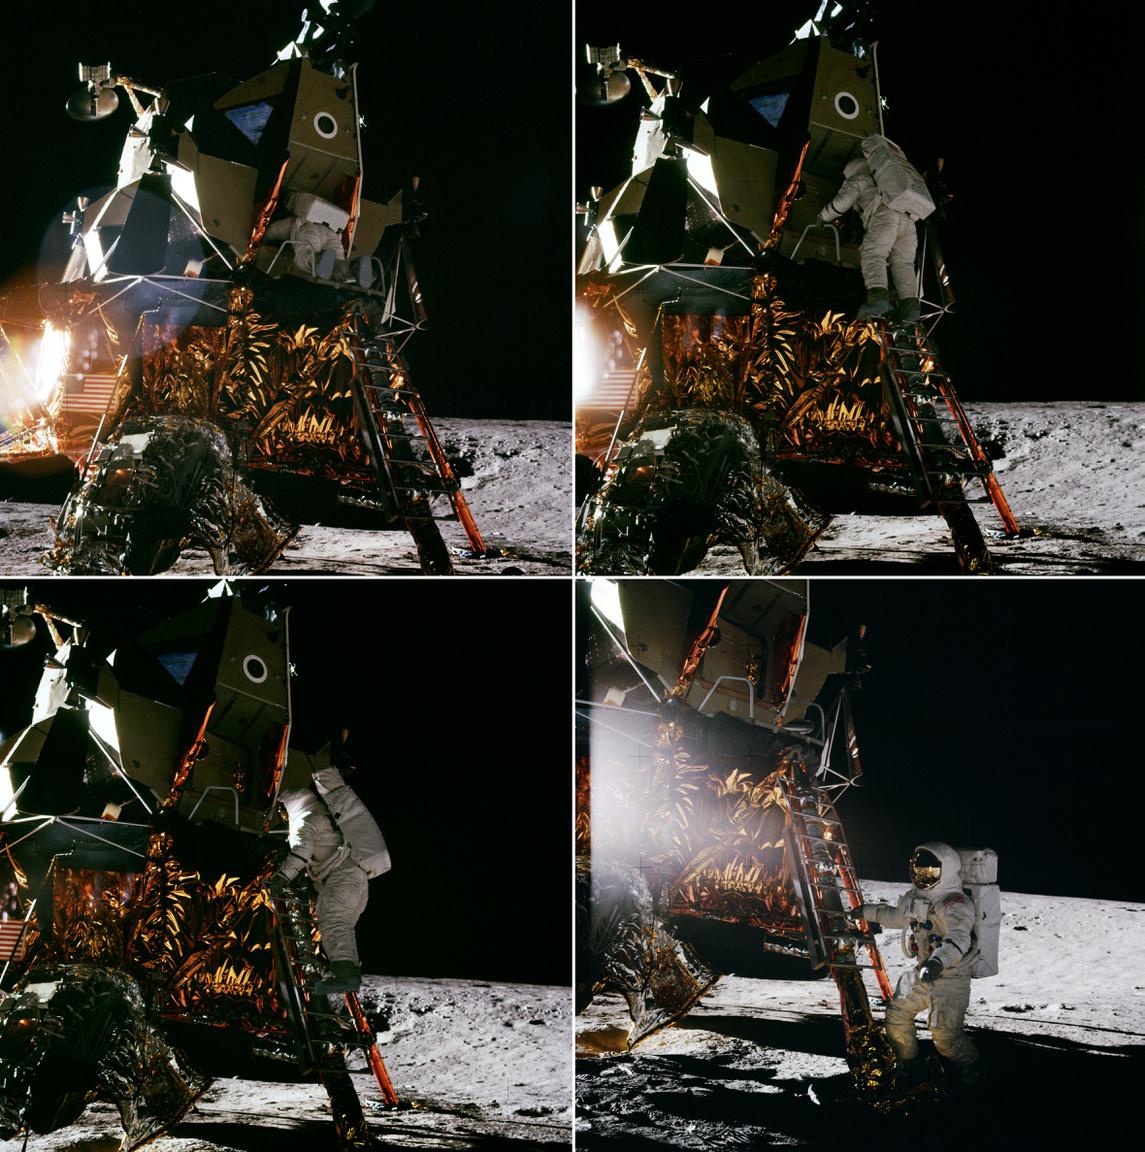 1969. november 19. Alan Bean volt a negyedik ember, aki a Holdra lépett. Íme a történelmi pillanat négy képkockában elmesélve.